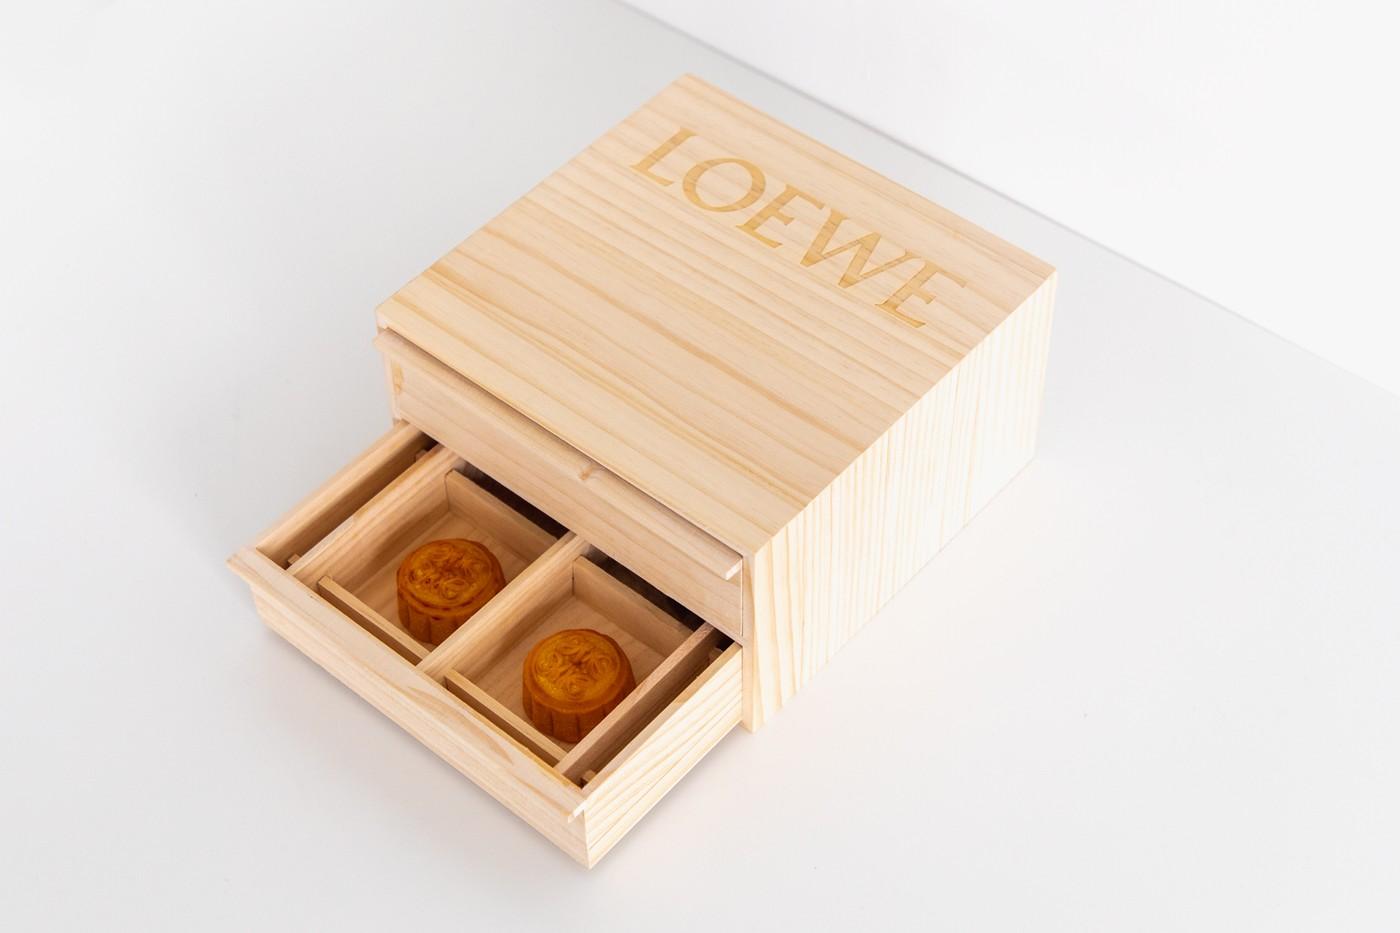 Mooncakes by Loewe